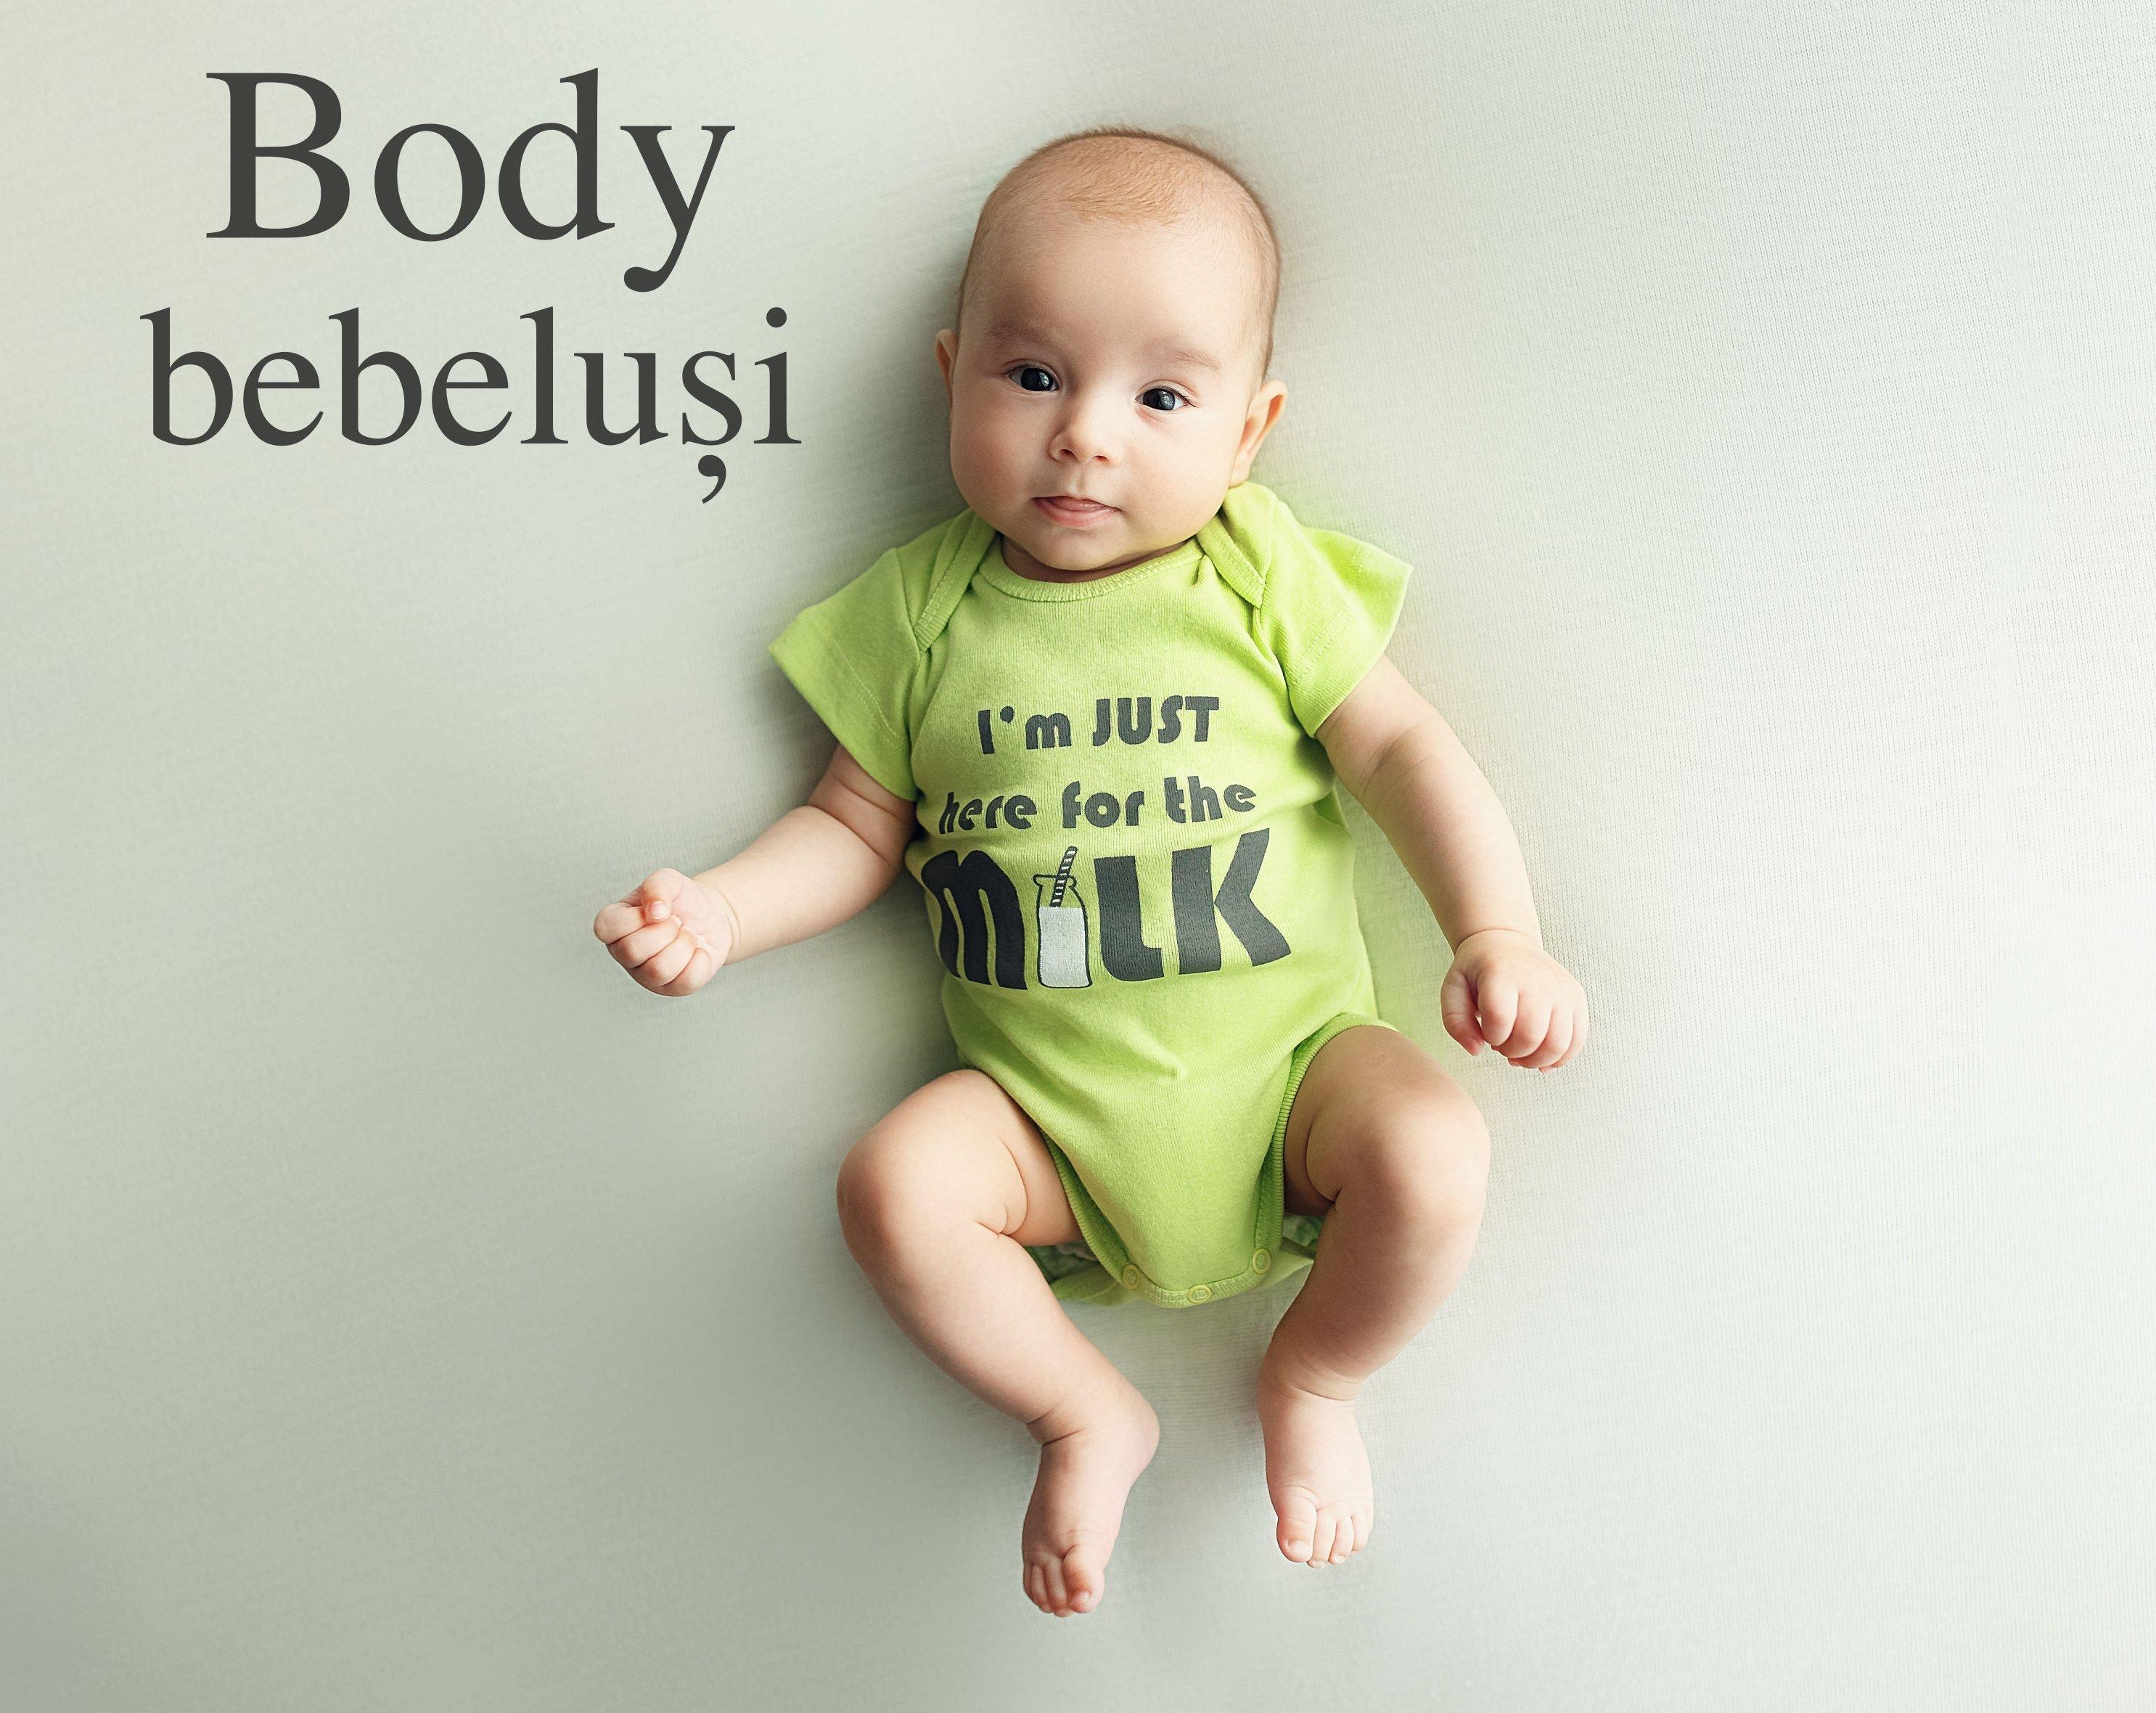 Body bebelusi